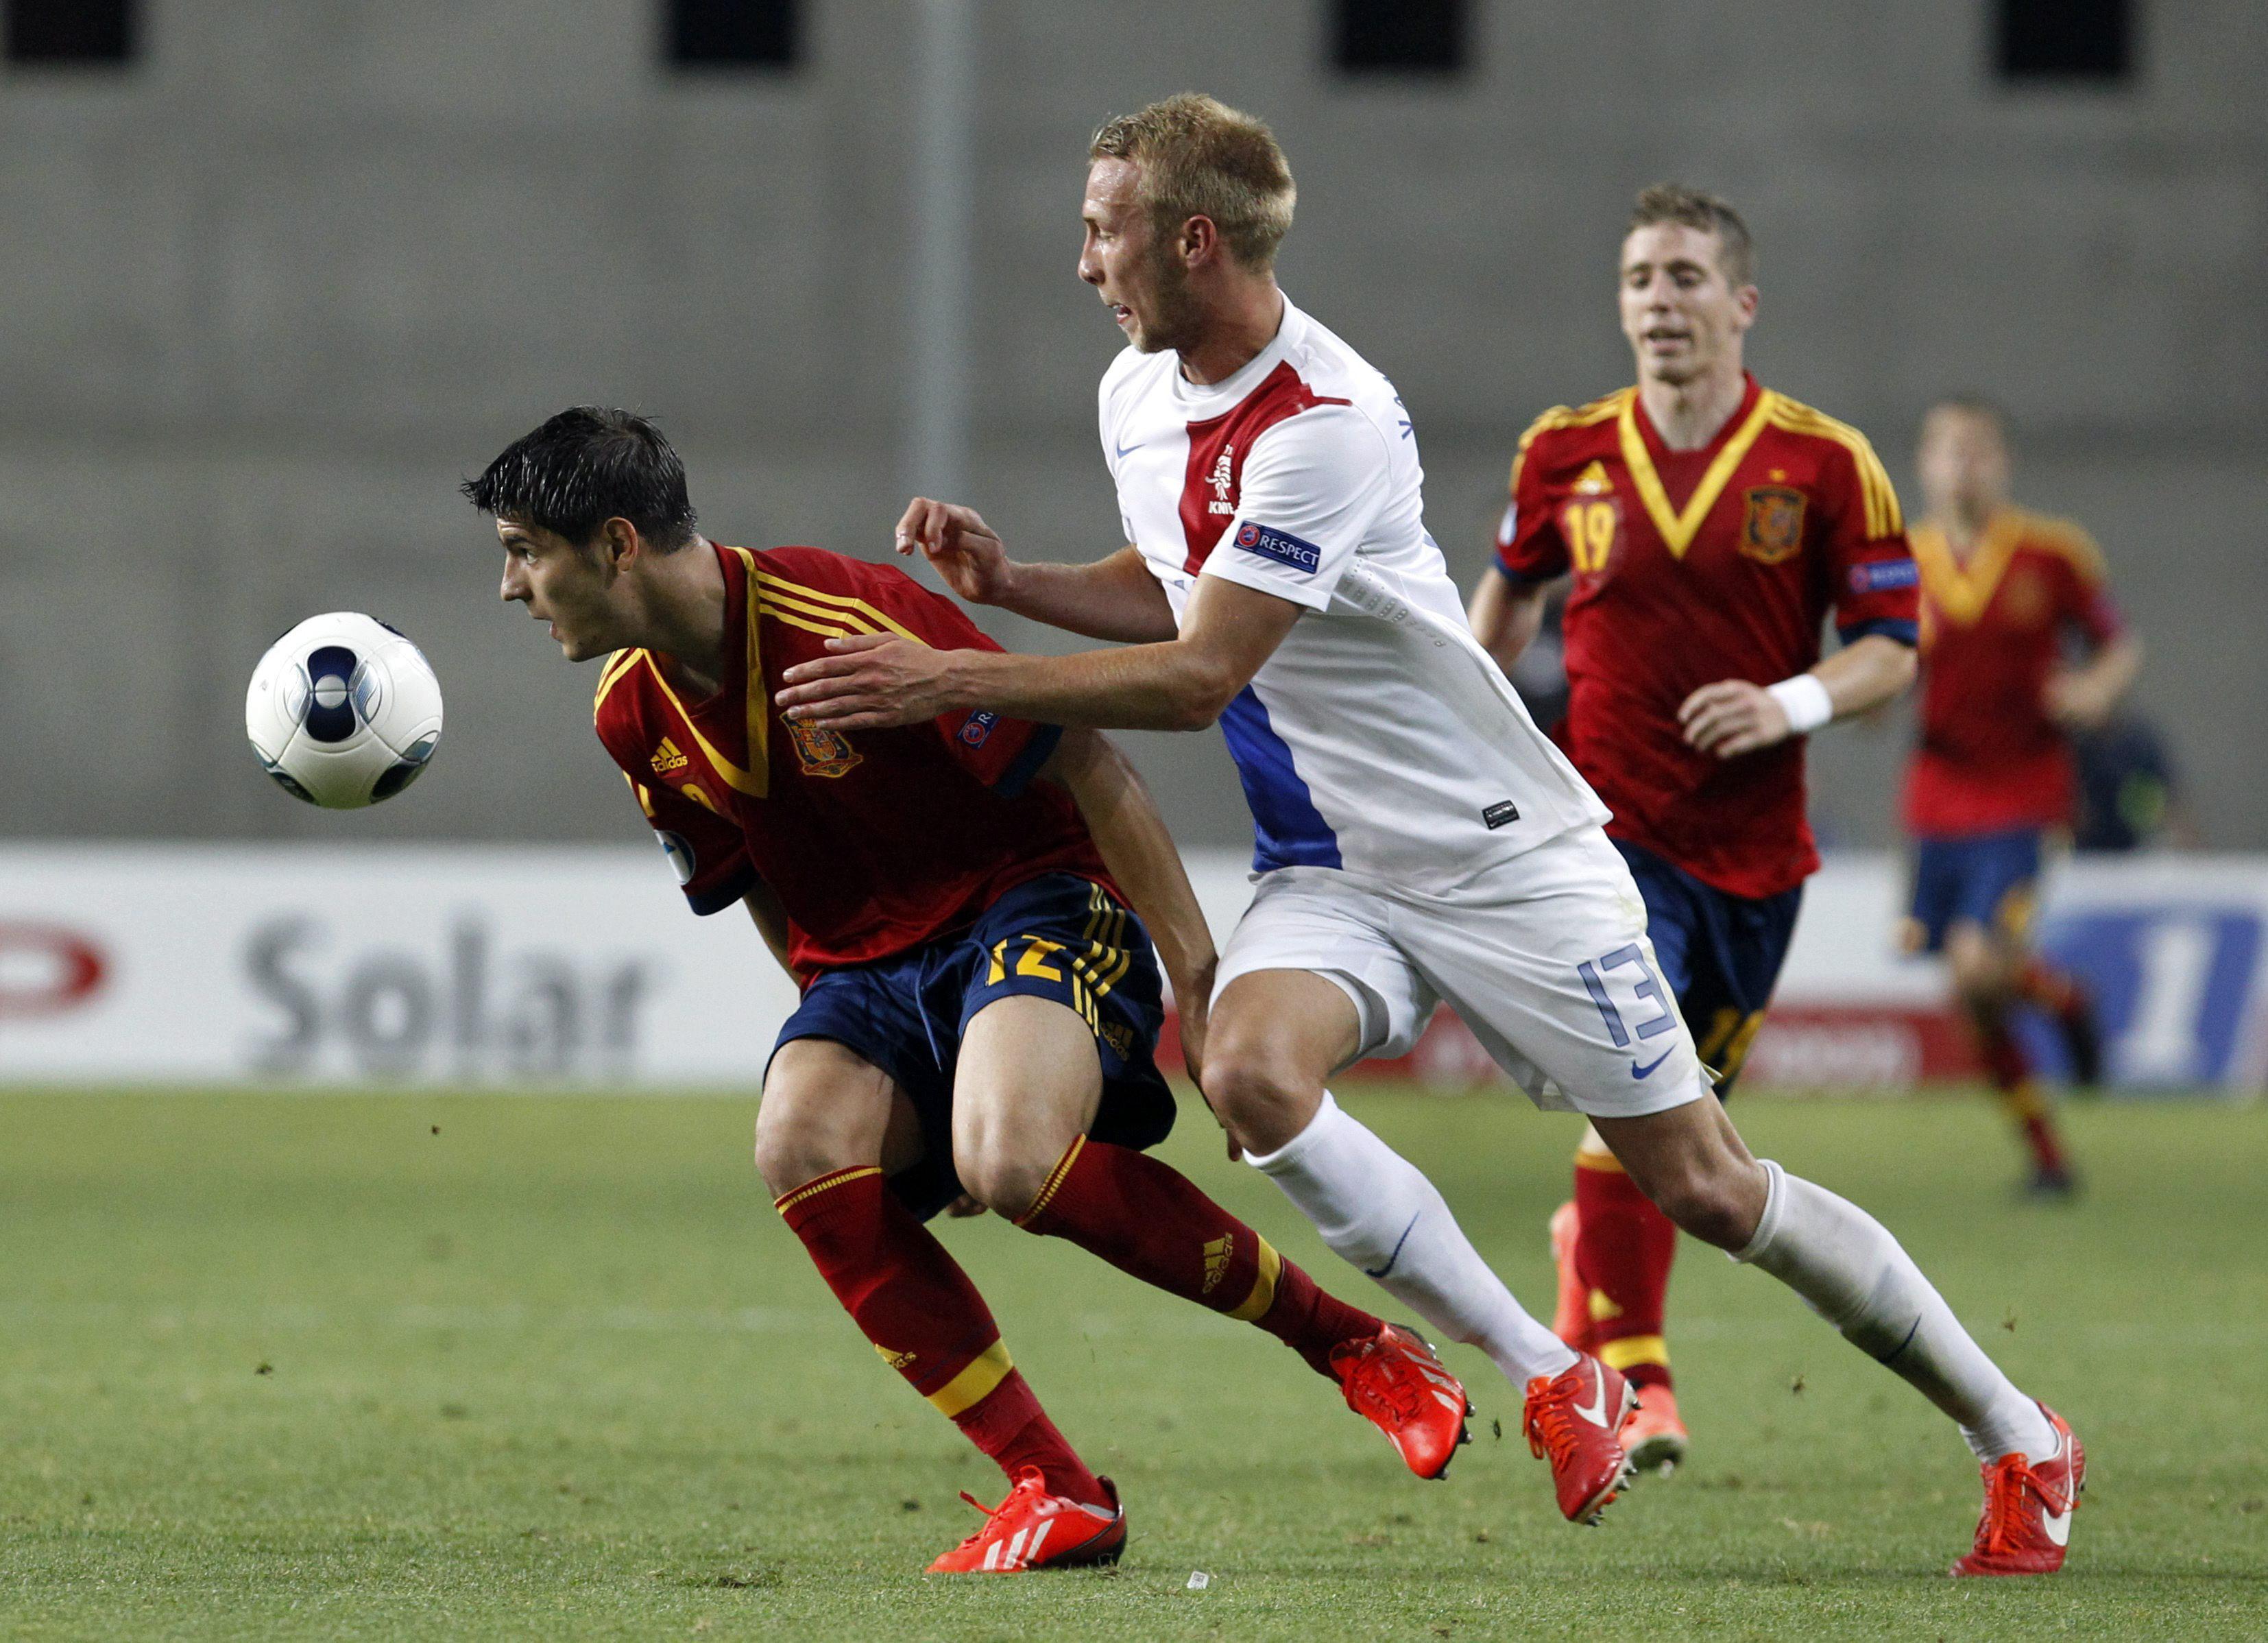 Camacho podría estar recuperado de su lesión para la semifinal con Noruega